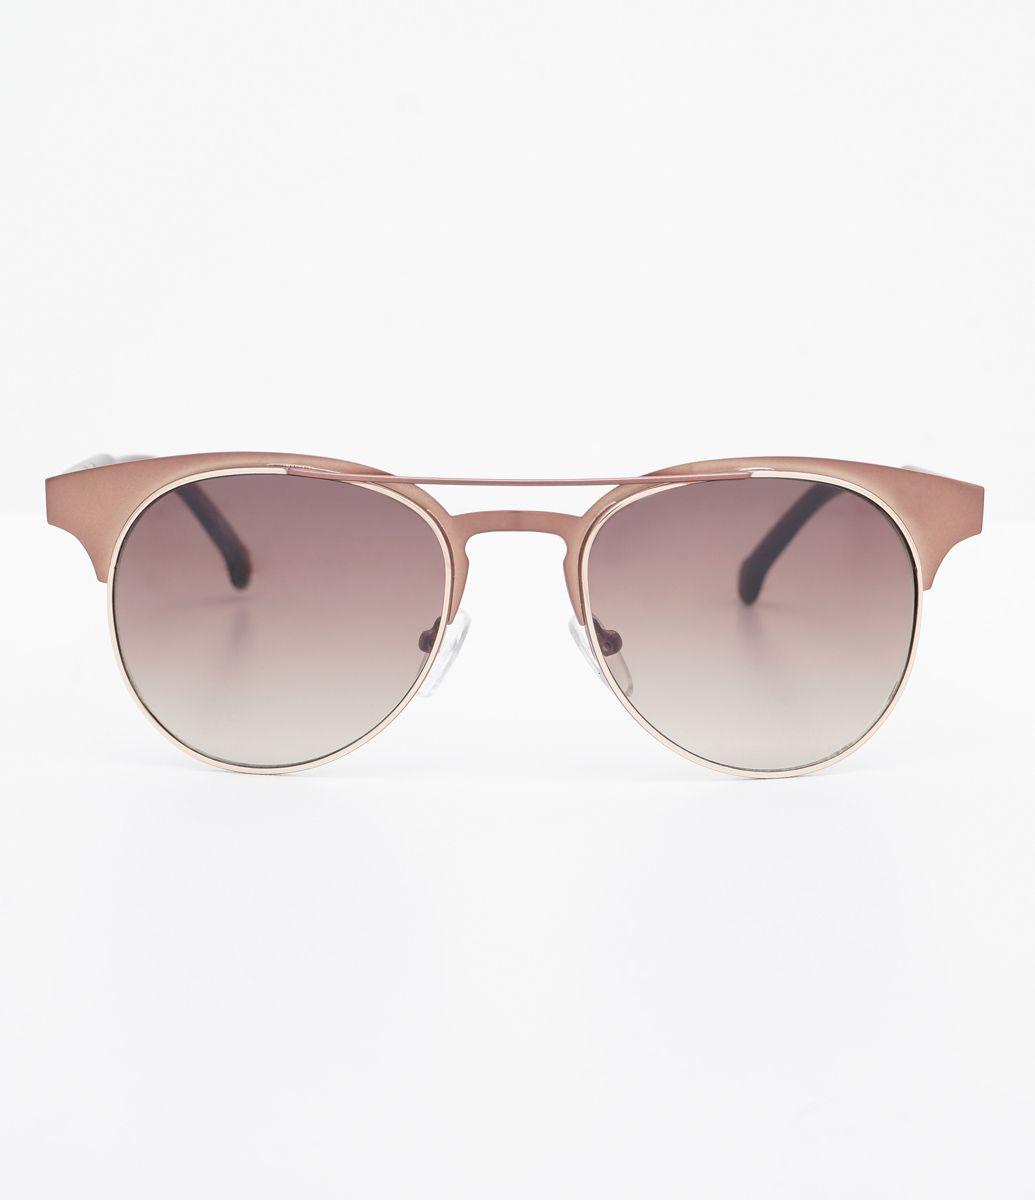 491041c86 Óculos de sol Modelo redondo Hastes em acetato veludo Lentes marrom degradê  Proteção contra raios UVA